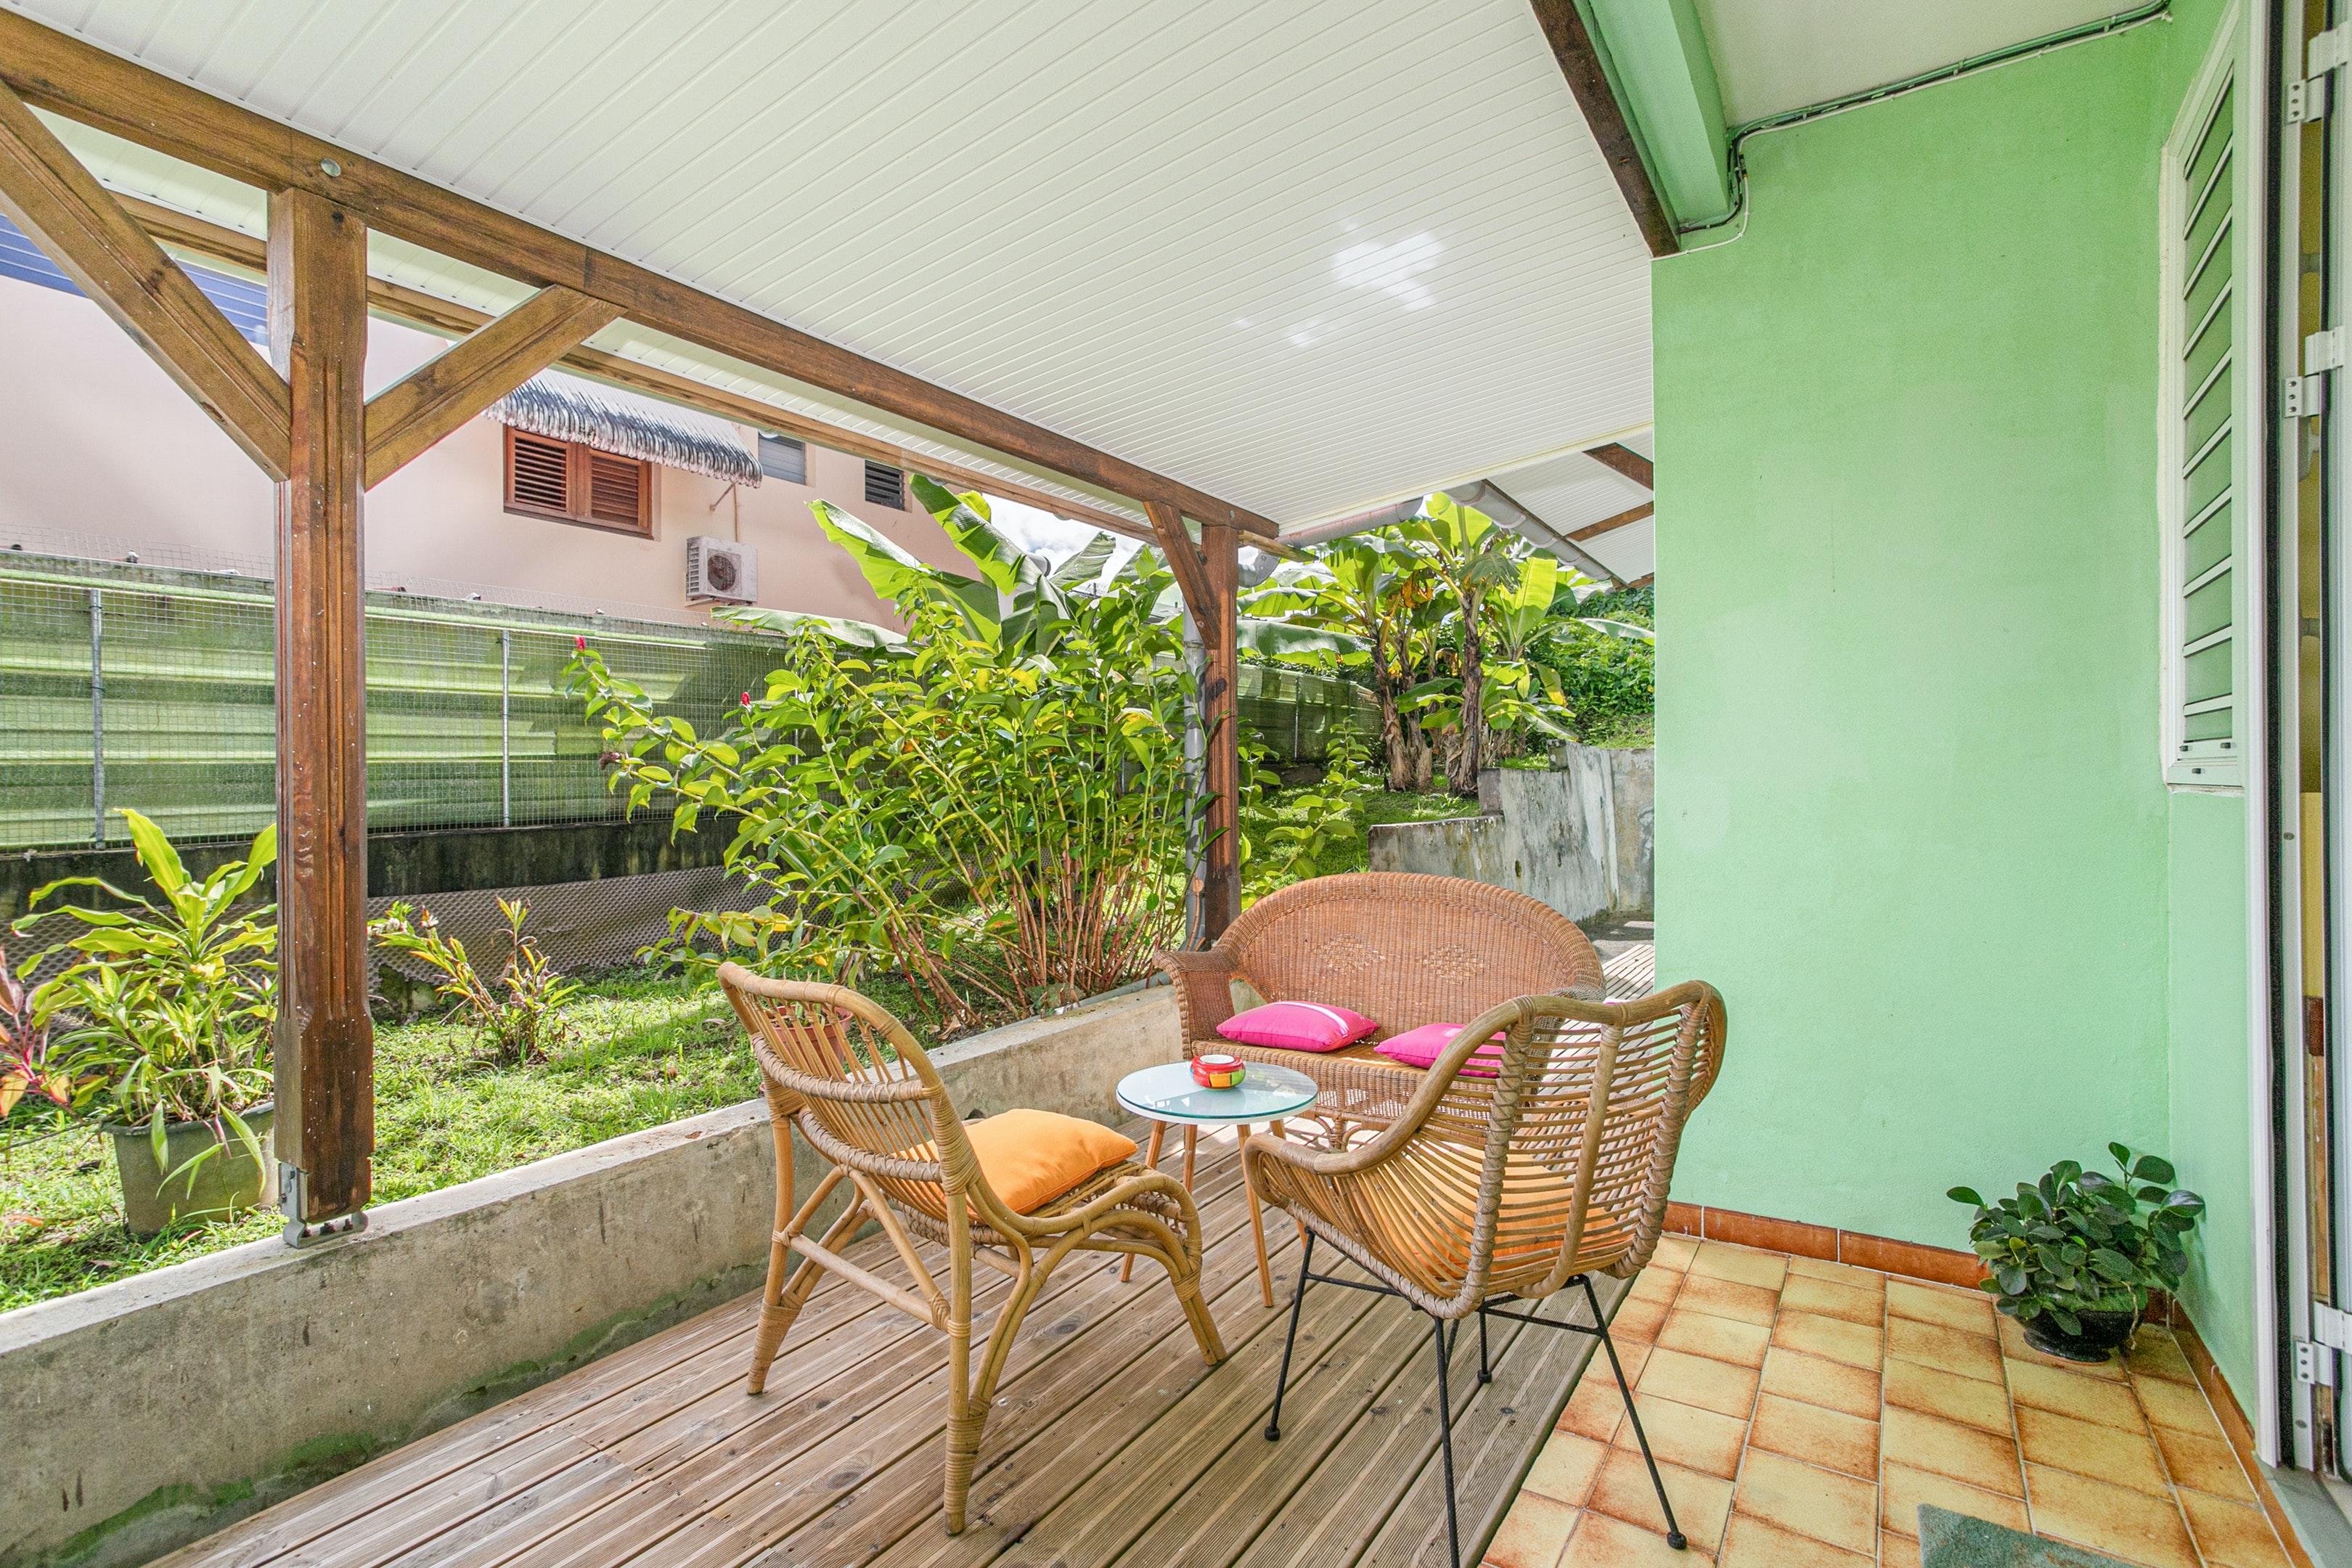 Apartamento de 2 habitaciones en Fort-de-France, con jardín amueblado y WiFi - a 5 km de la playa